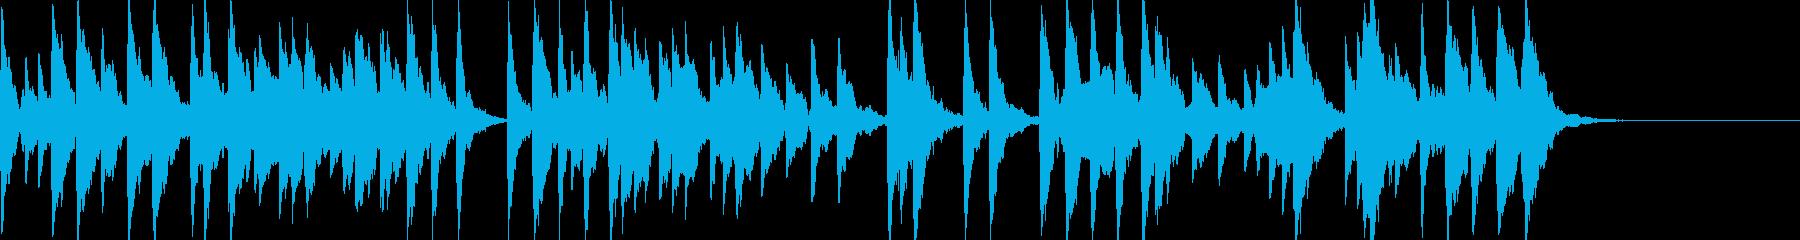 「スカボローフェア」オルゴールbpm96の再生済みの波形